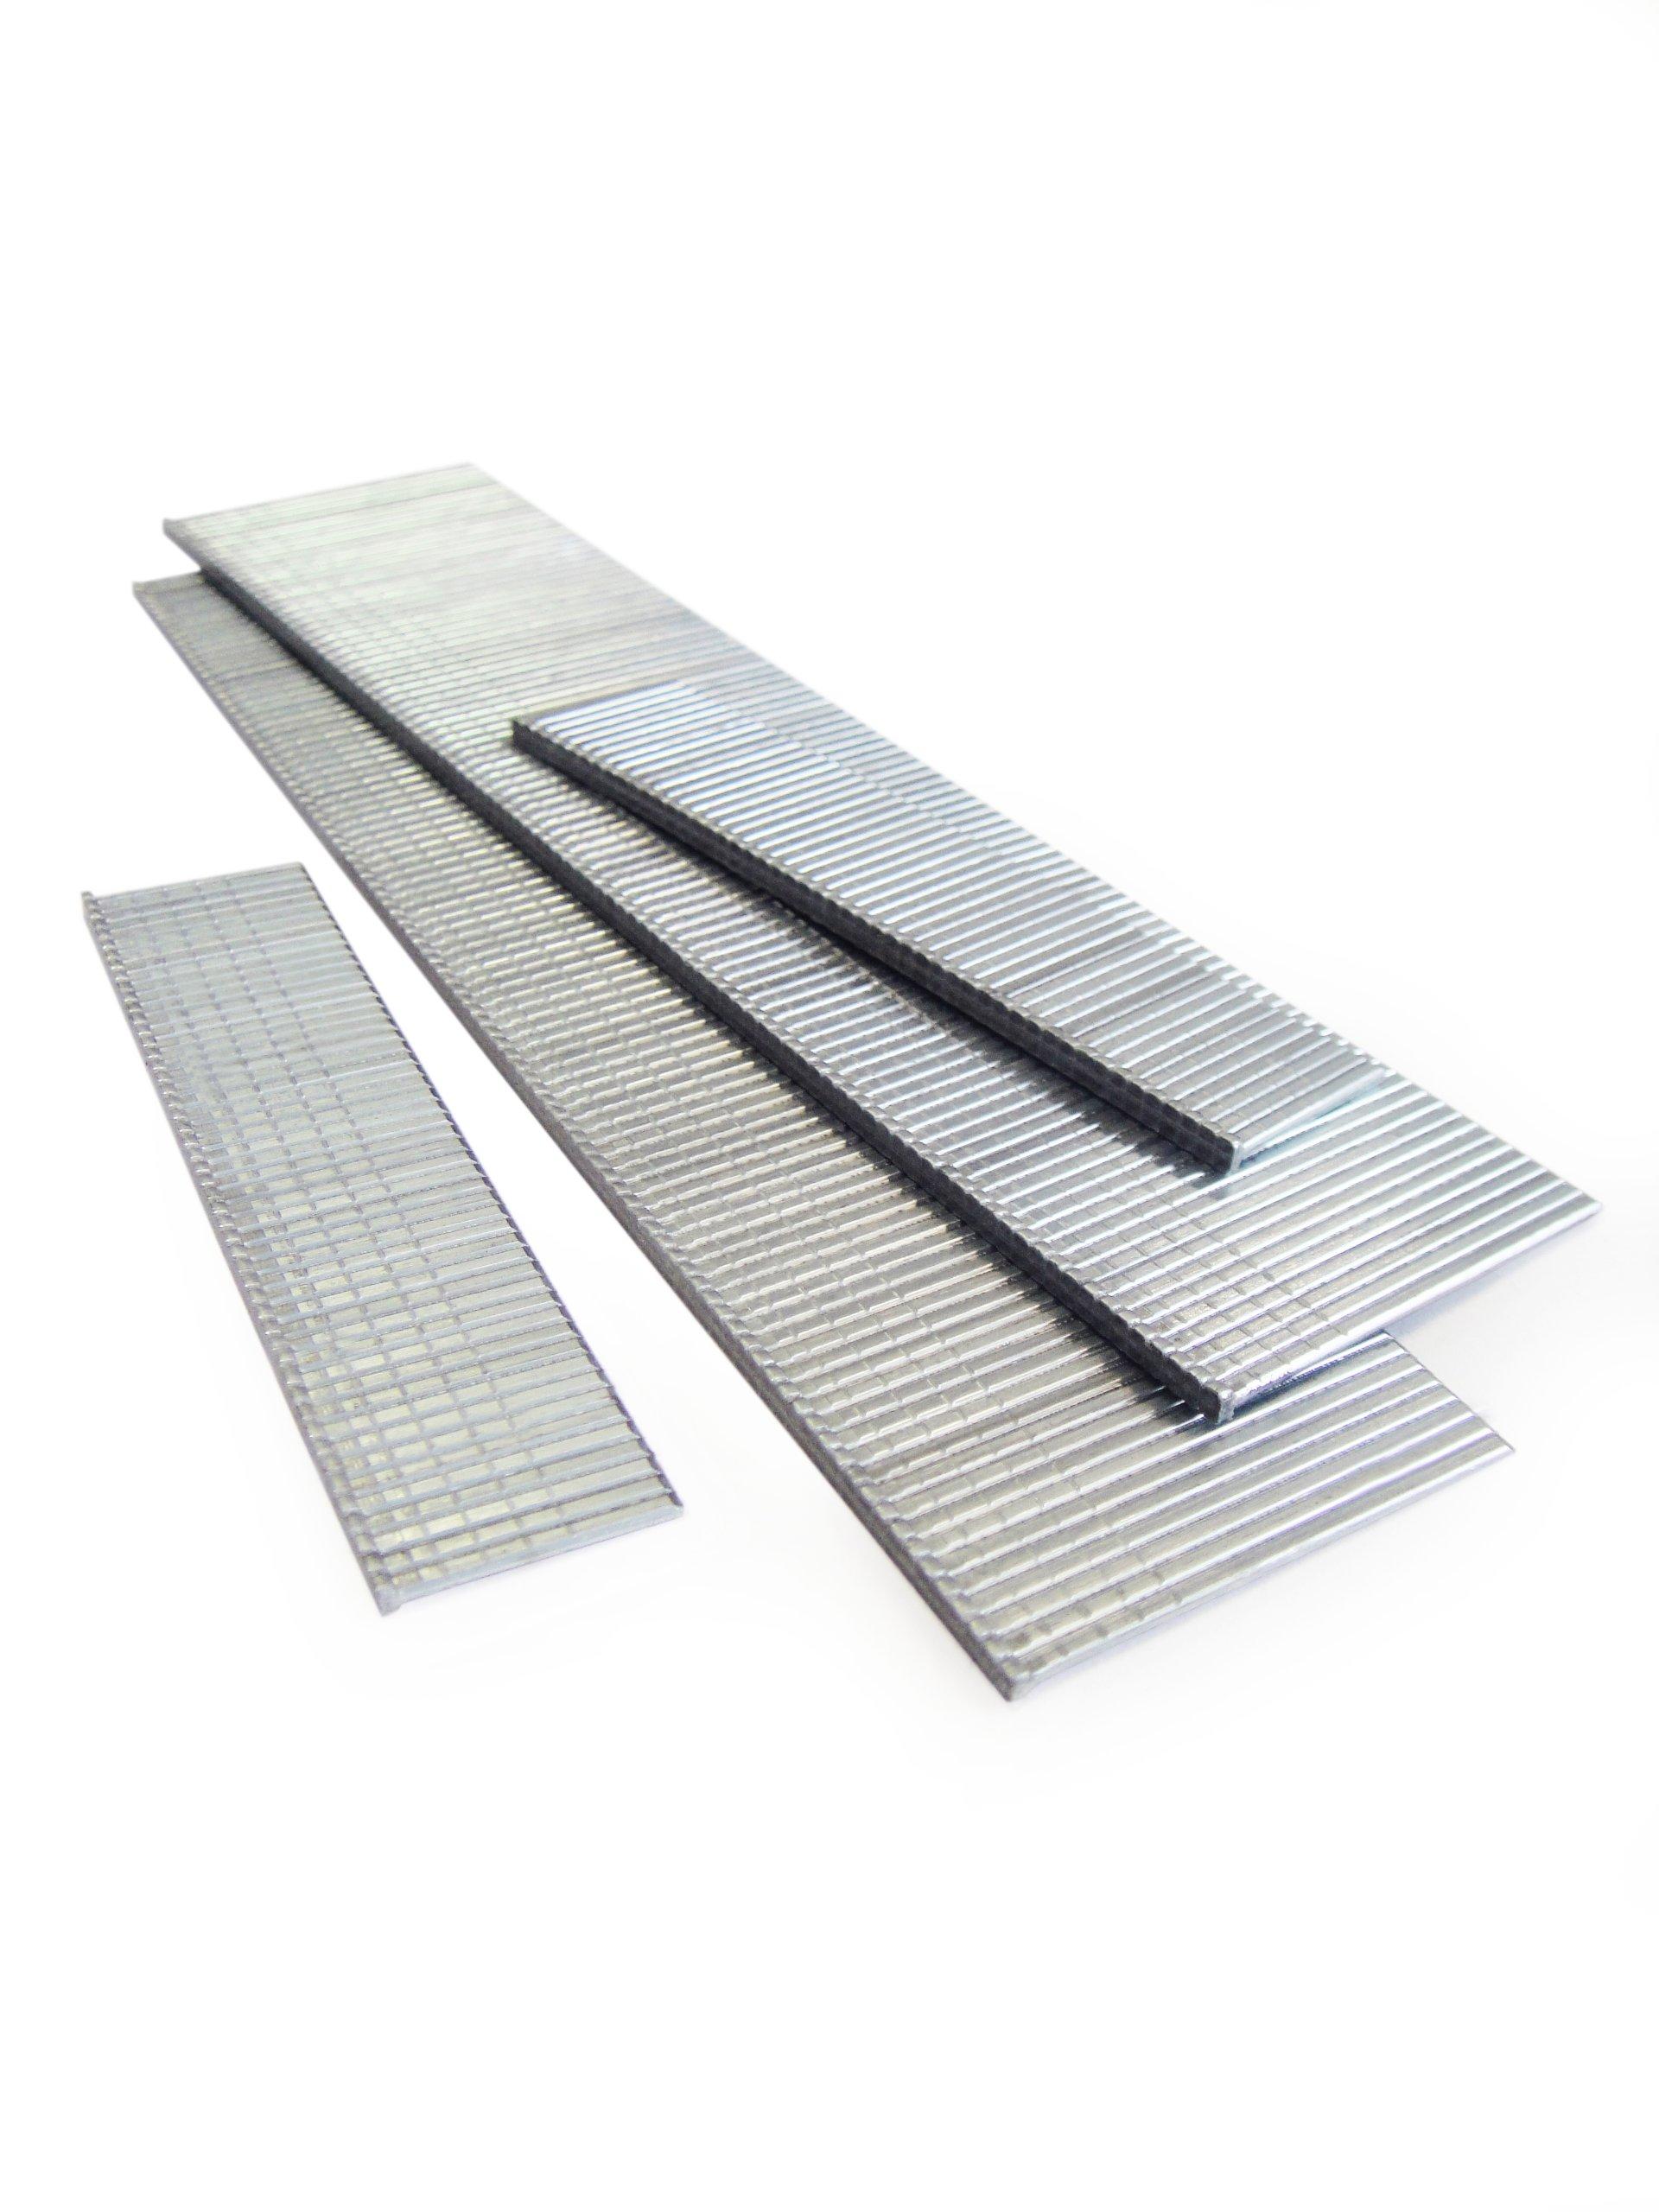 2300 W, 240 V , Tacwise 2300 Kit de grapadora El/éctrica 191ELS